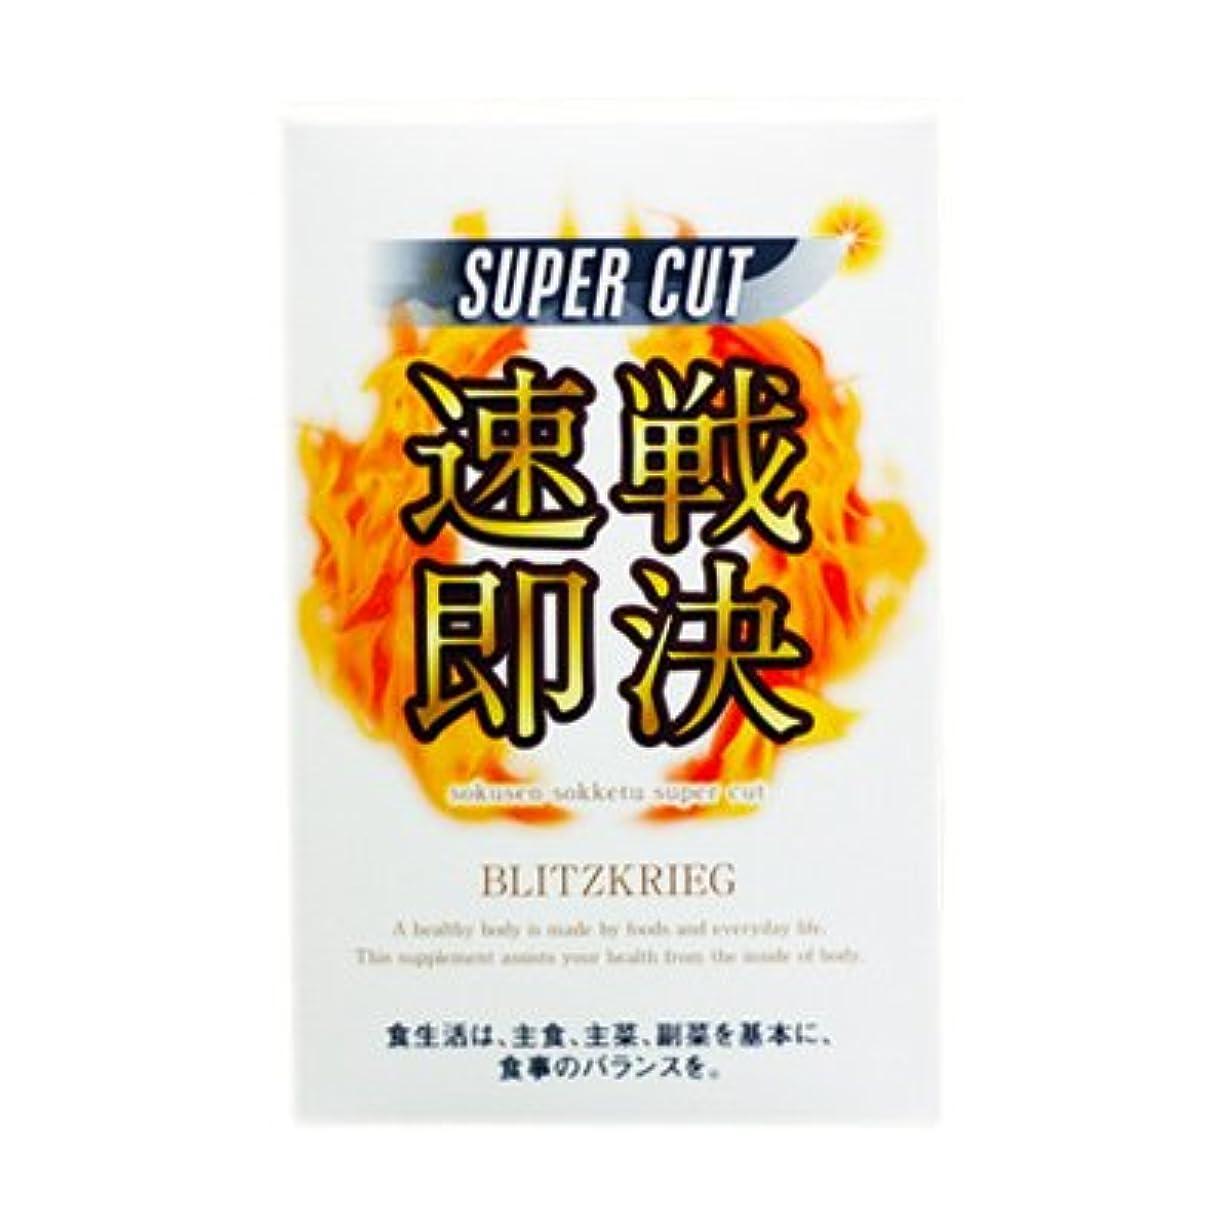 ラッカス促す争い速戦即決 スーパーカット そくせんそっけつ SUPER CUT